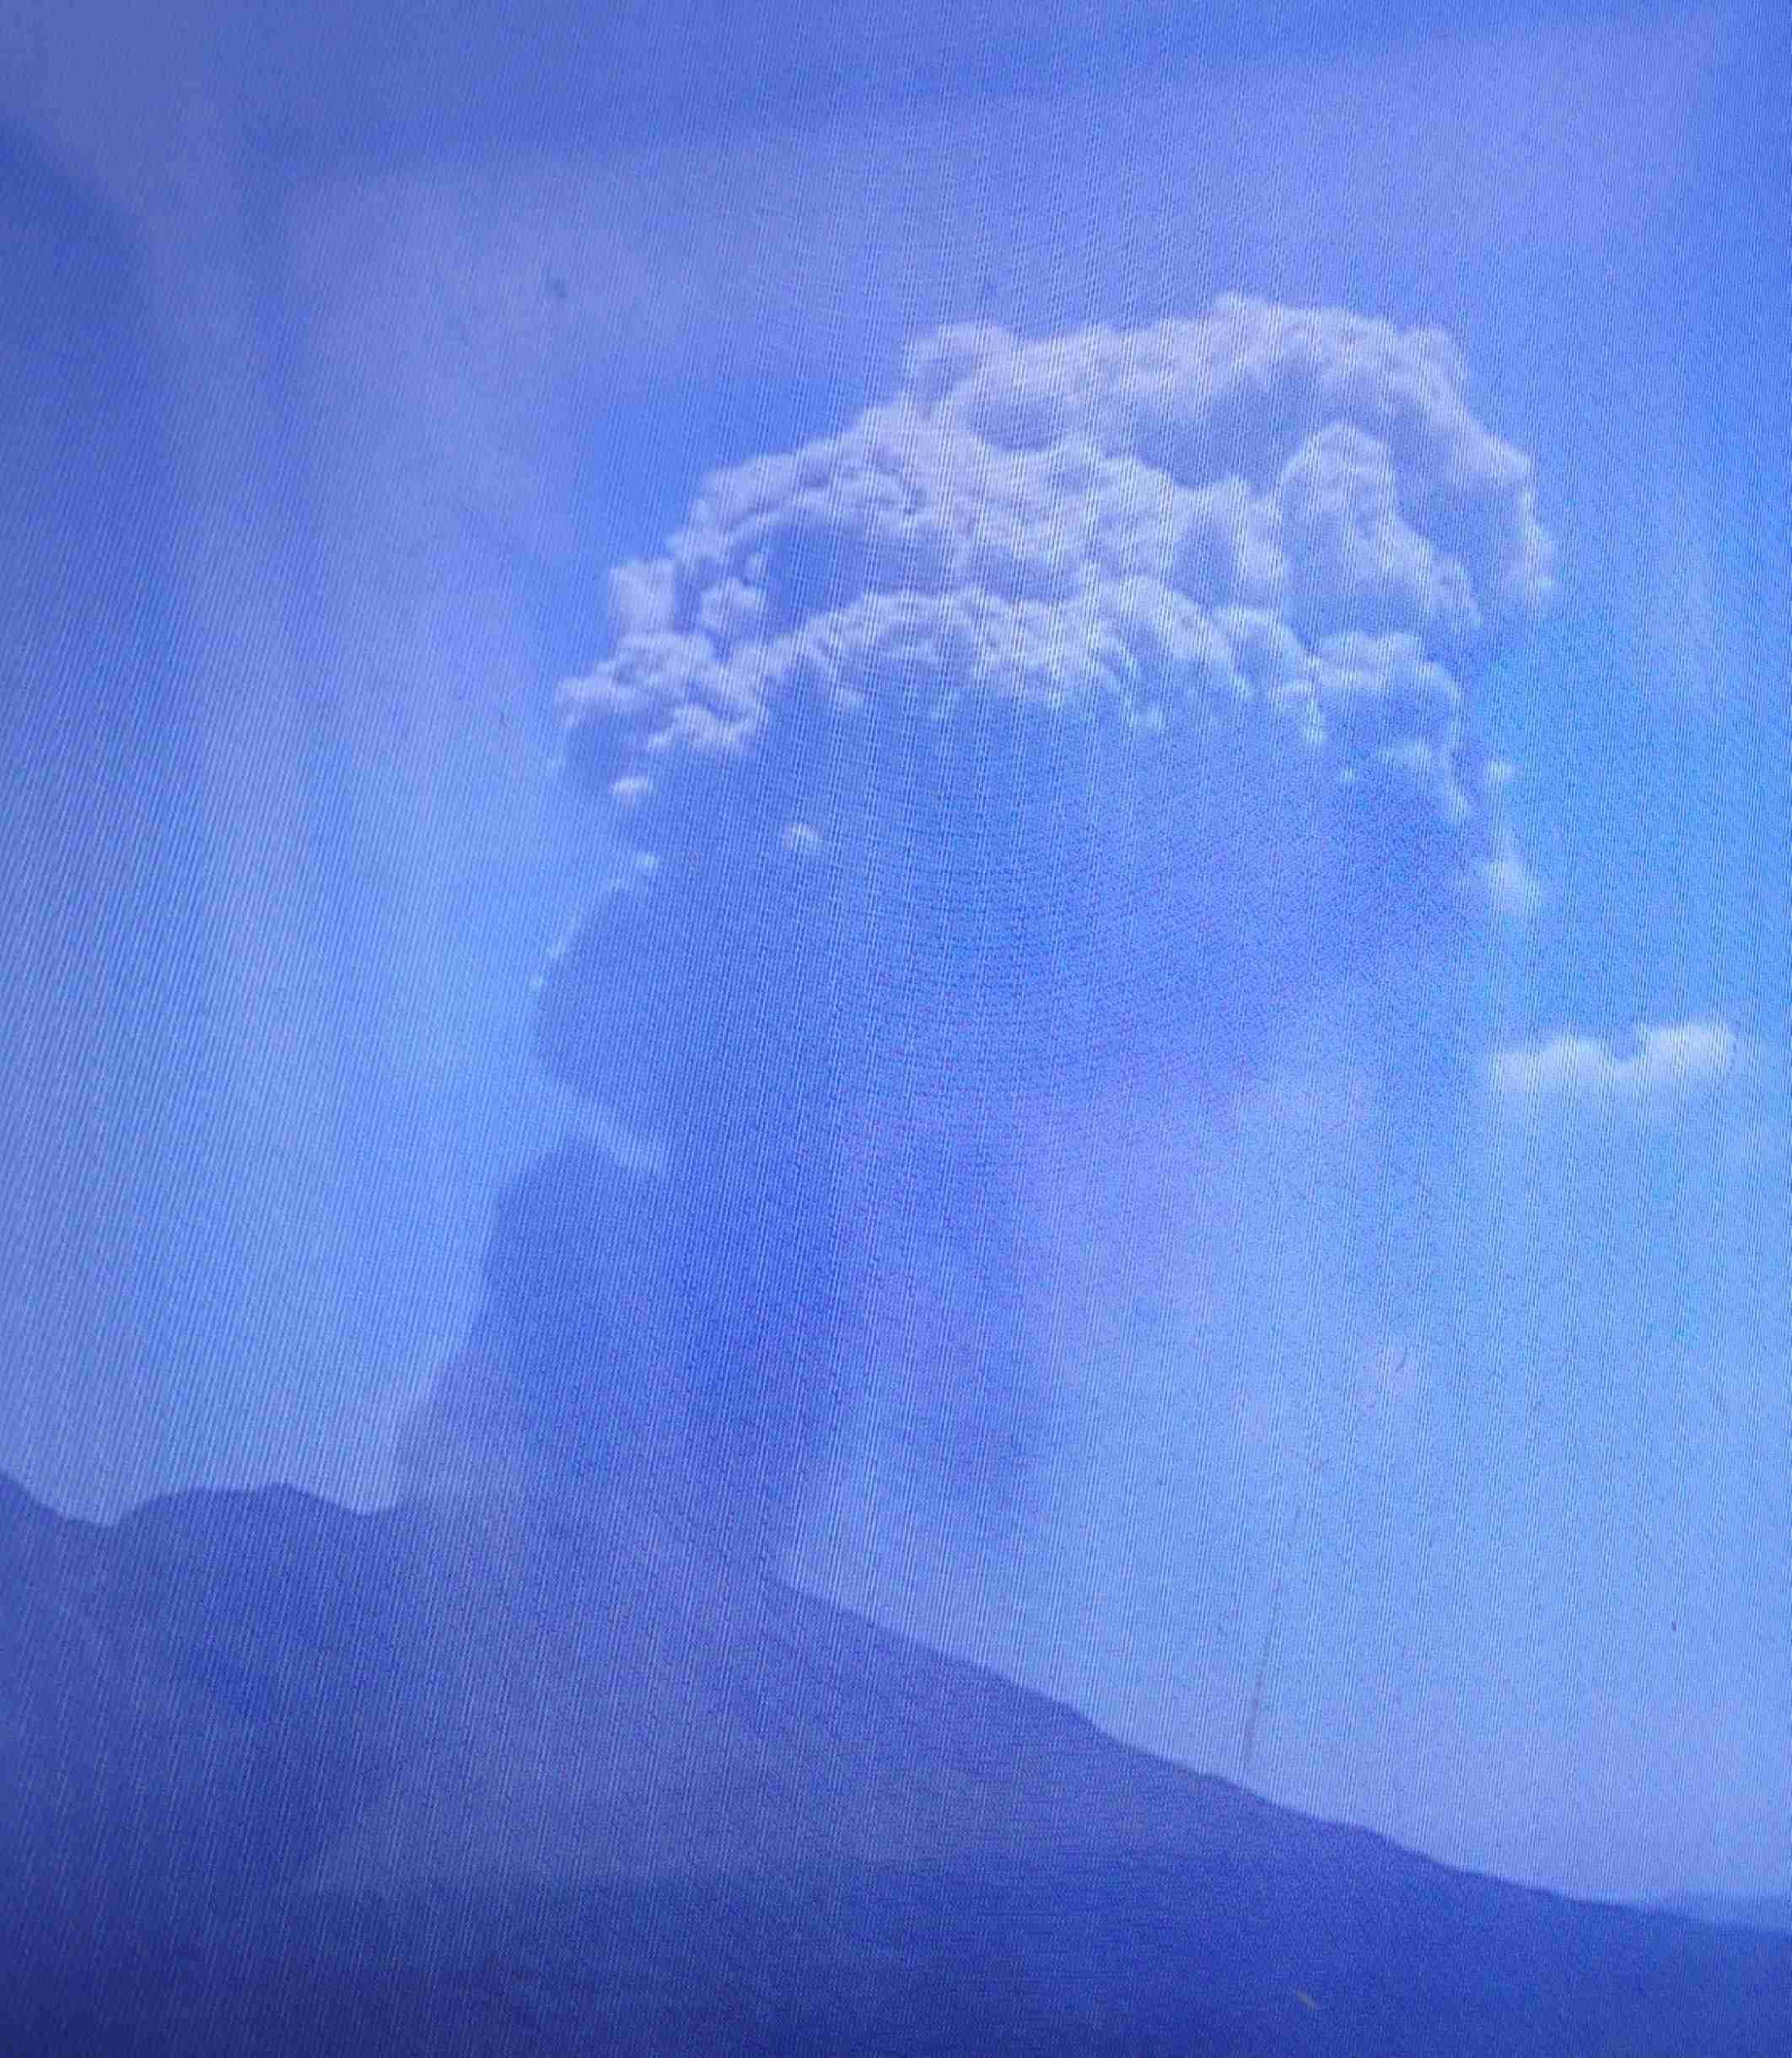 桜島昭和火口が噴火、噴煙は火口縁上3200メートルに到達